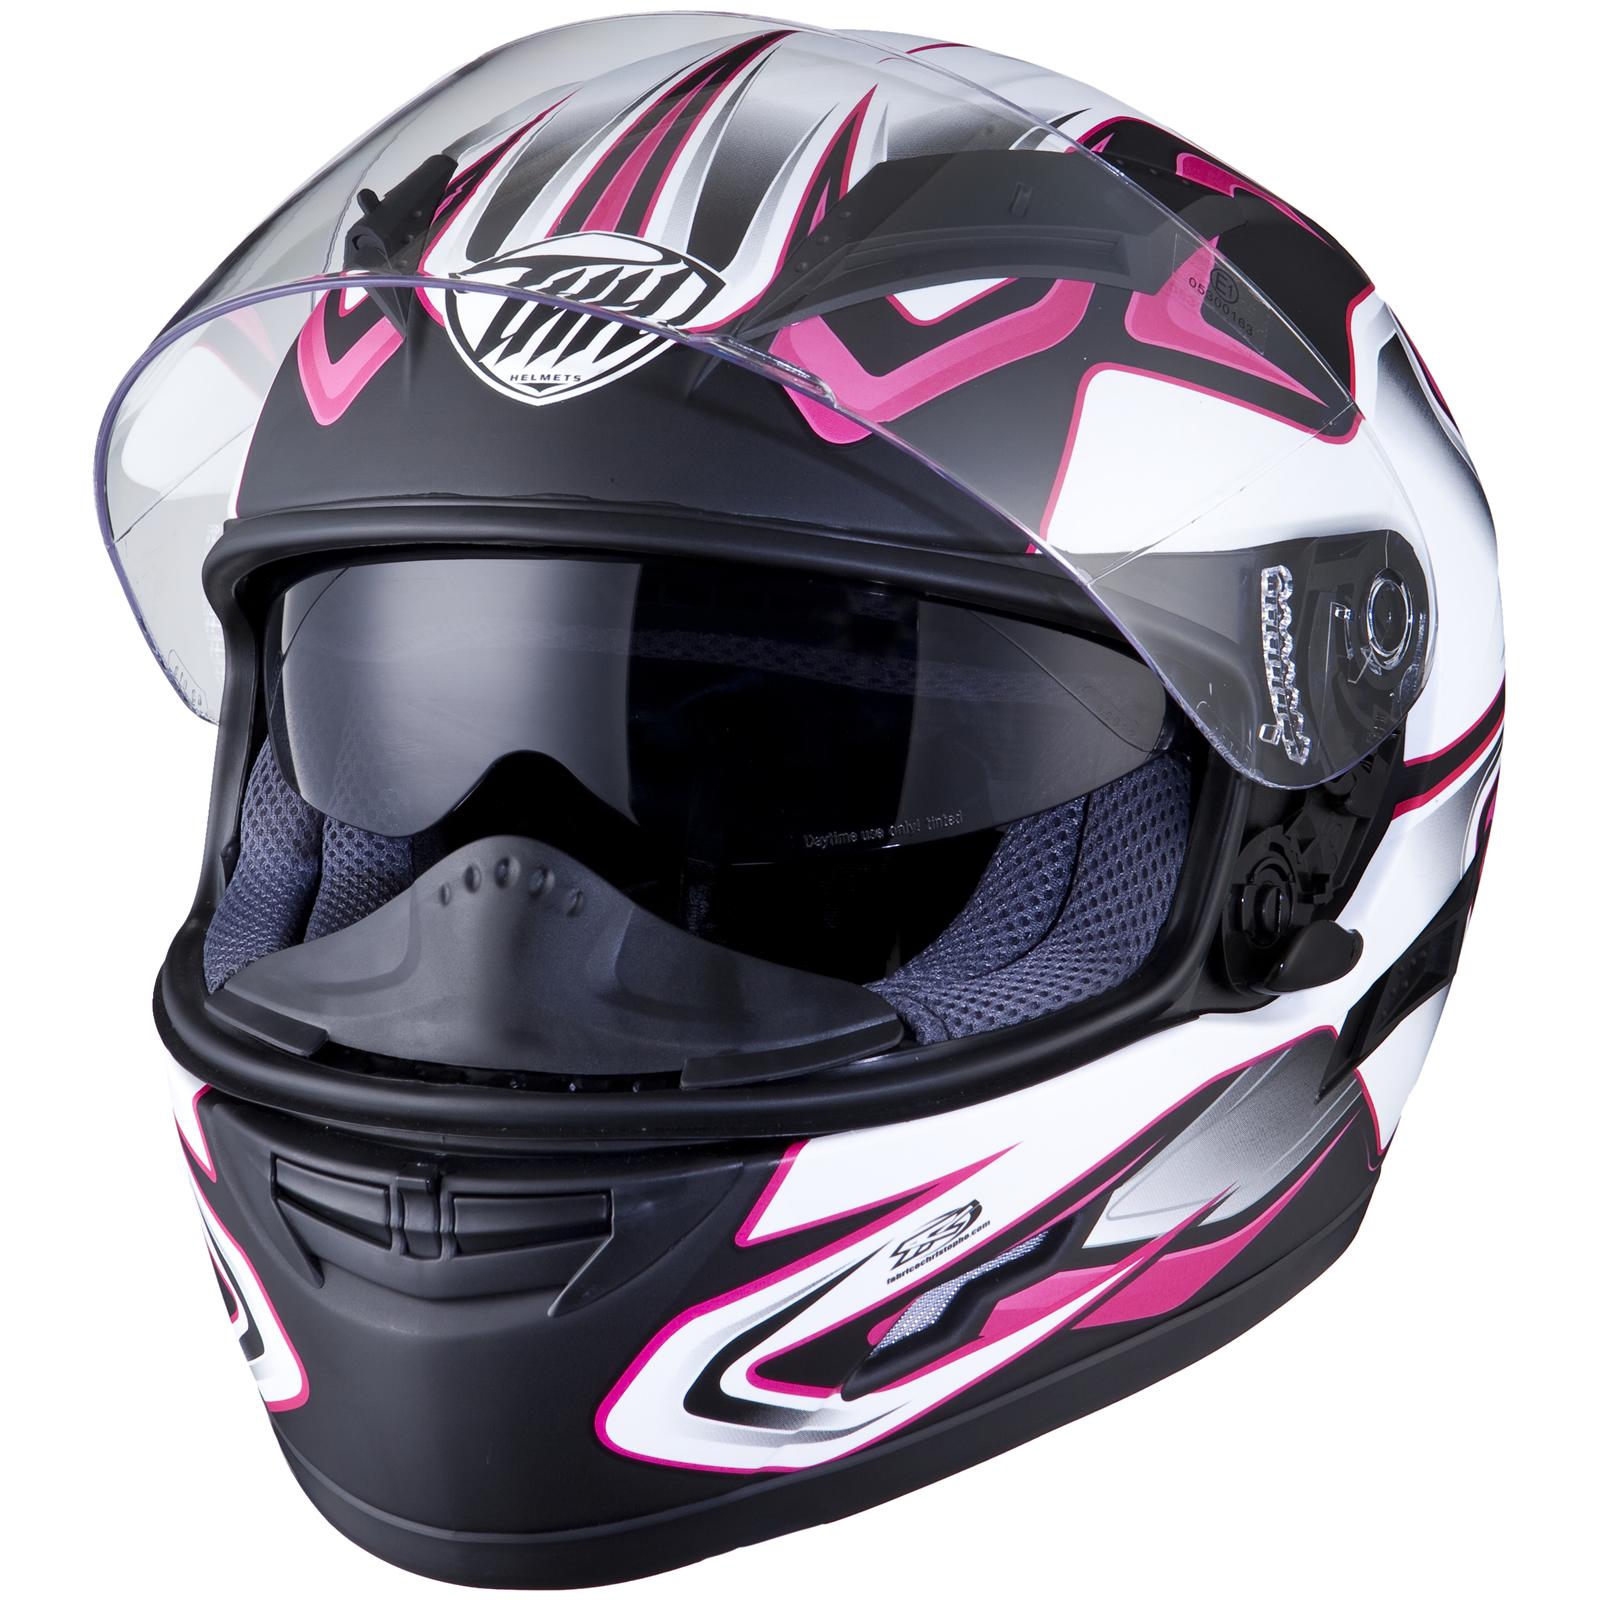 Thh Ts 80 4 Black Pink Motorcycle Helmet Internal